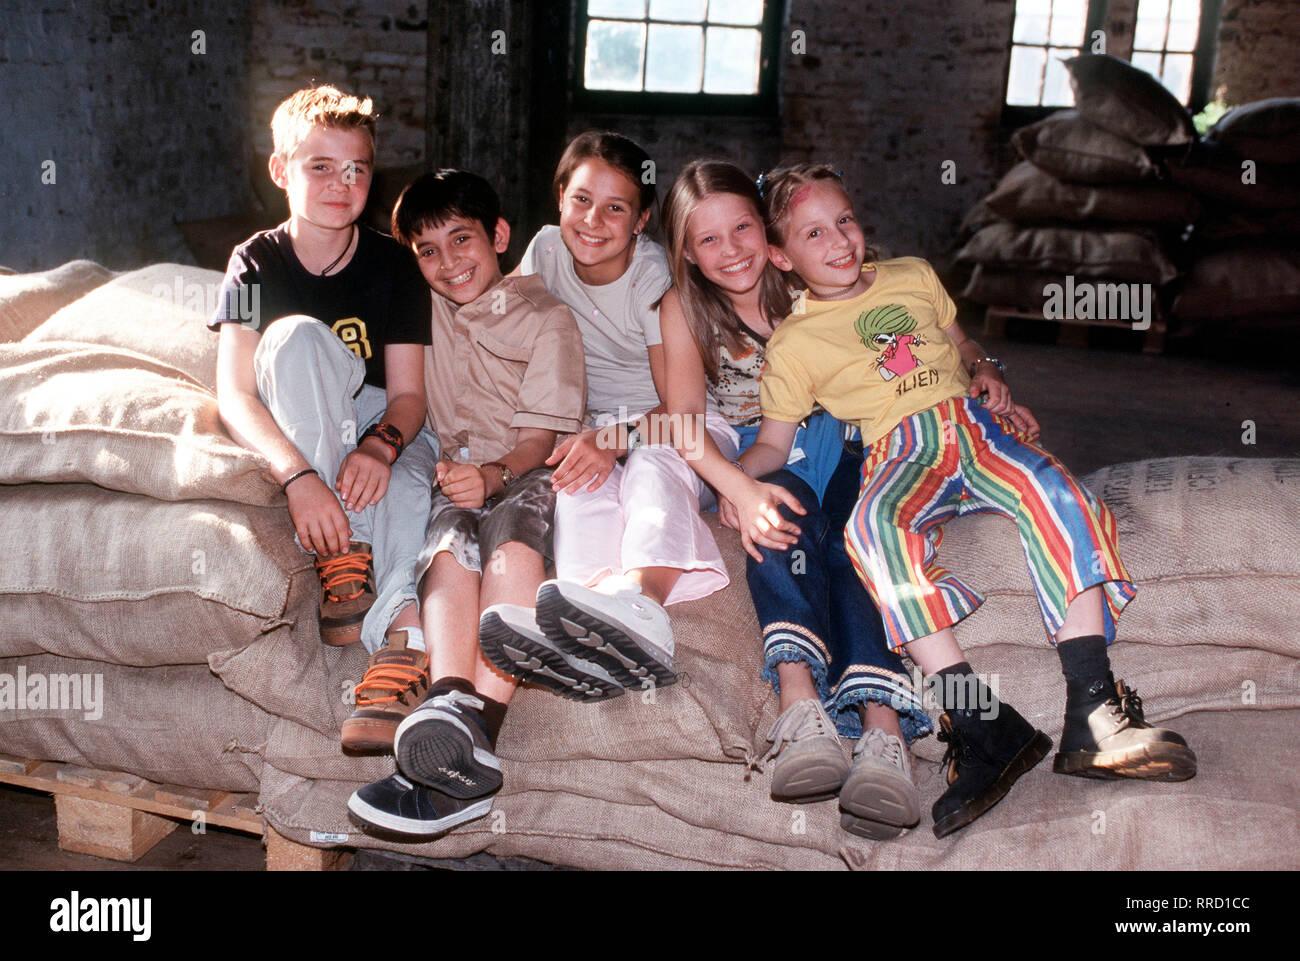 DIE PFEFFERKÖRNER  Kinderkan. 1530 Die Hauptdarsteller von Links nach Rechts: Fiete (JULIAN PAETH),Cem (IHSAN AY), Jana (ANNA-ELENA HERZOG), Natascha (VIJESSA FERKIC) und Vivi (AGLAJA BRIX). Regie: Matthias Steurer aka. 1.Abgezogen / Überschrift: DIE PFEFFERKÖRNER / BRD 1999 - Stock Image